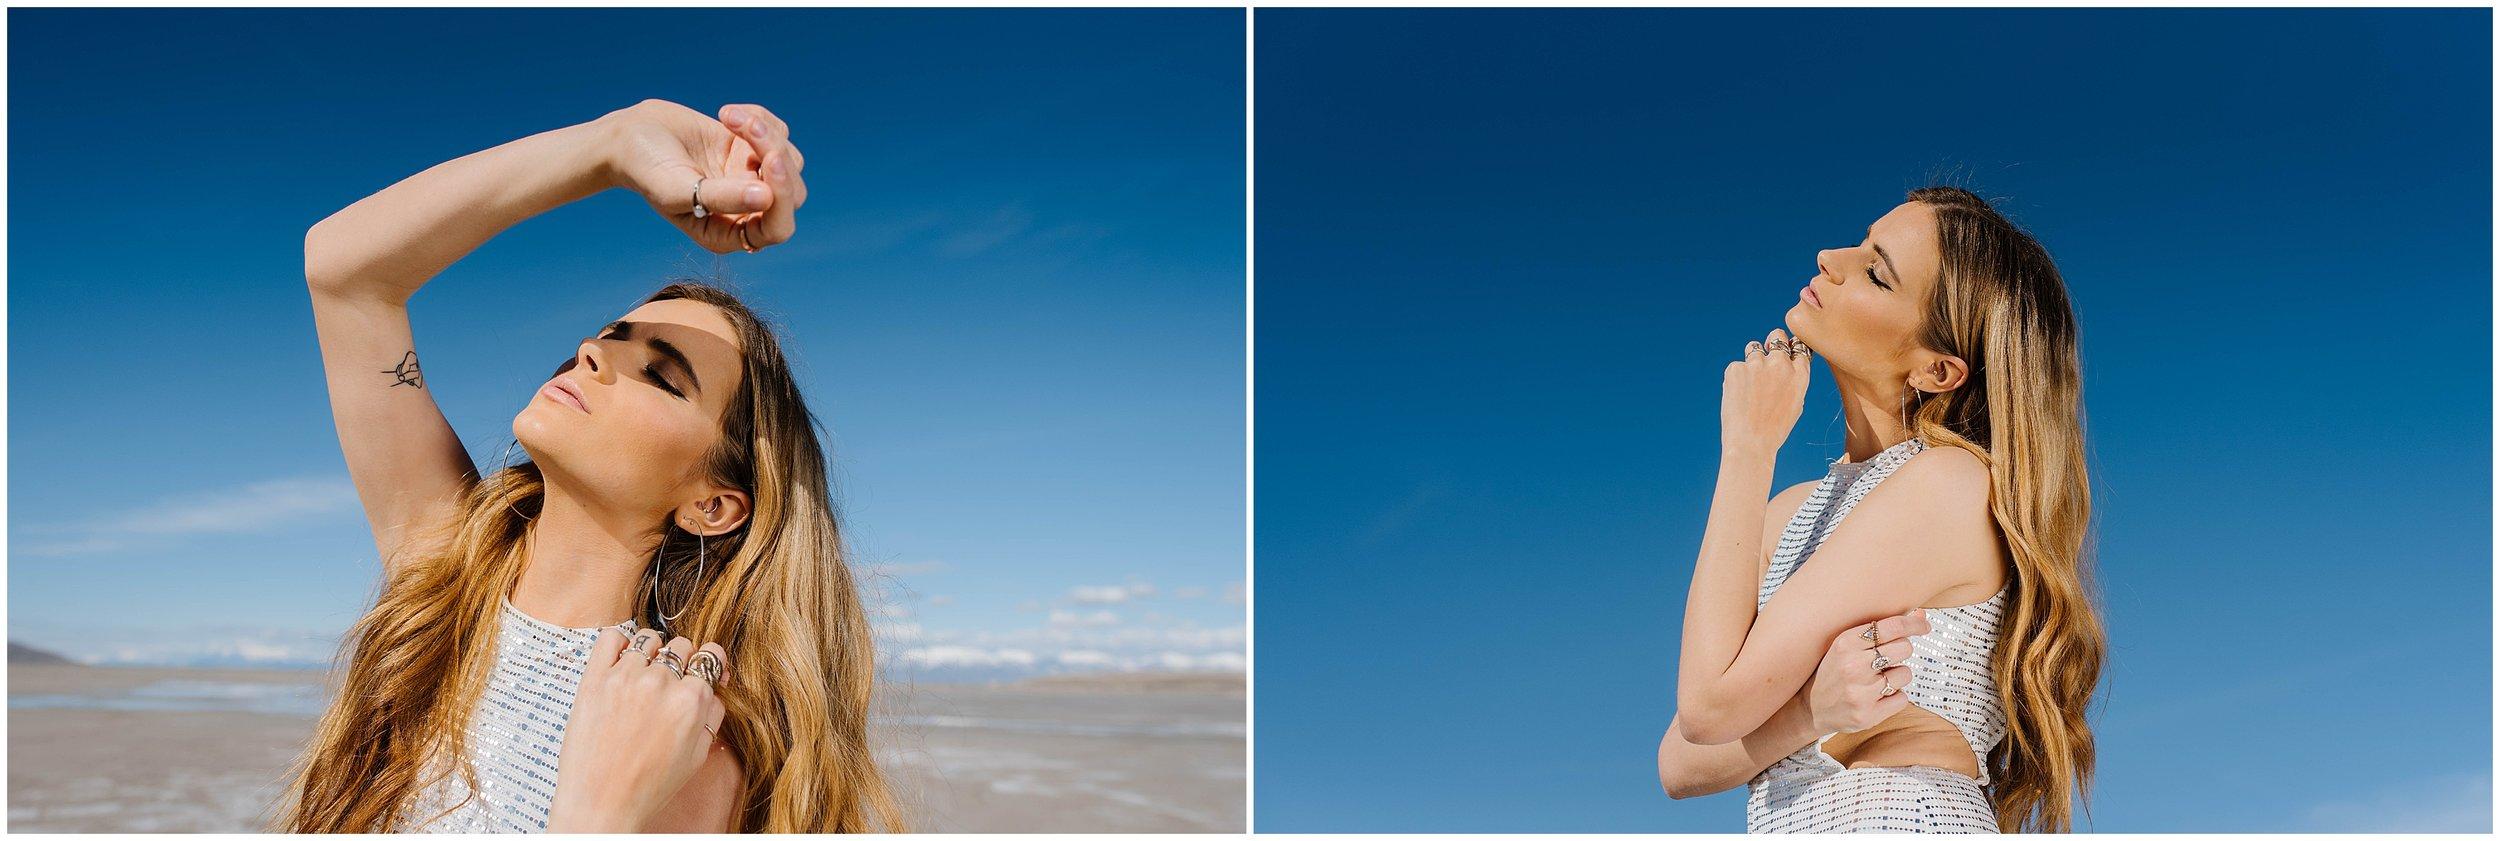 amber-lynne-photography.jpg2.jpg